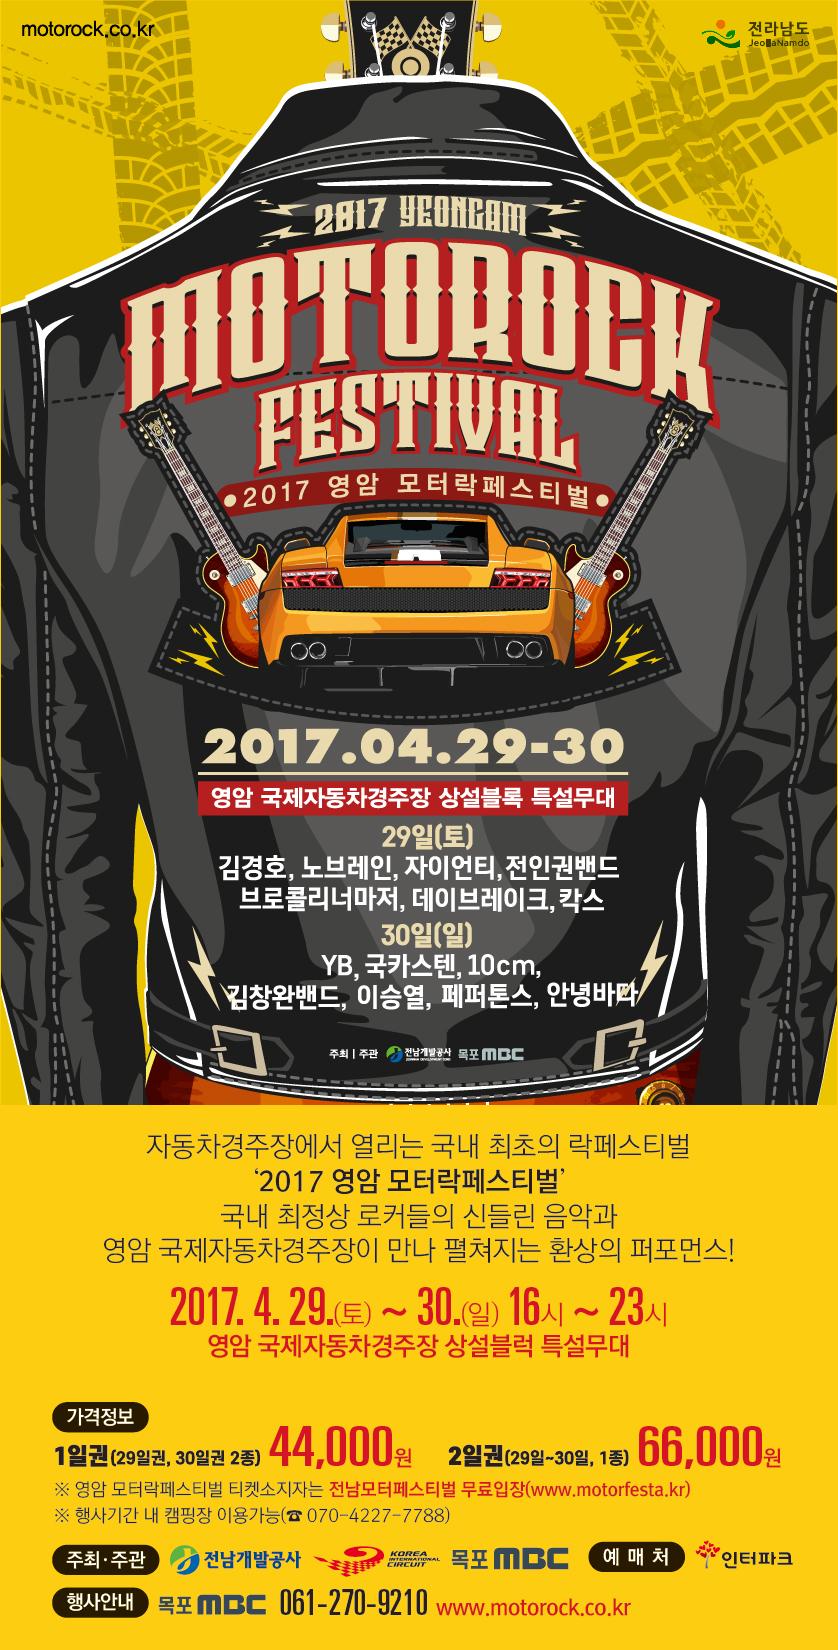 2017영암모터락페스티벌 행사정보